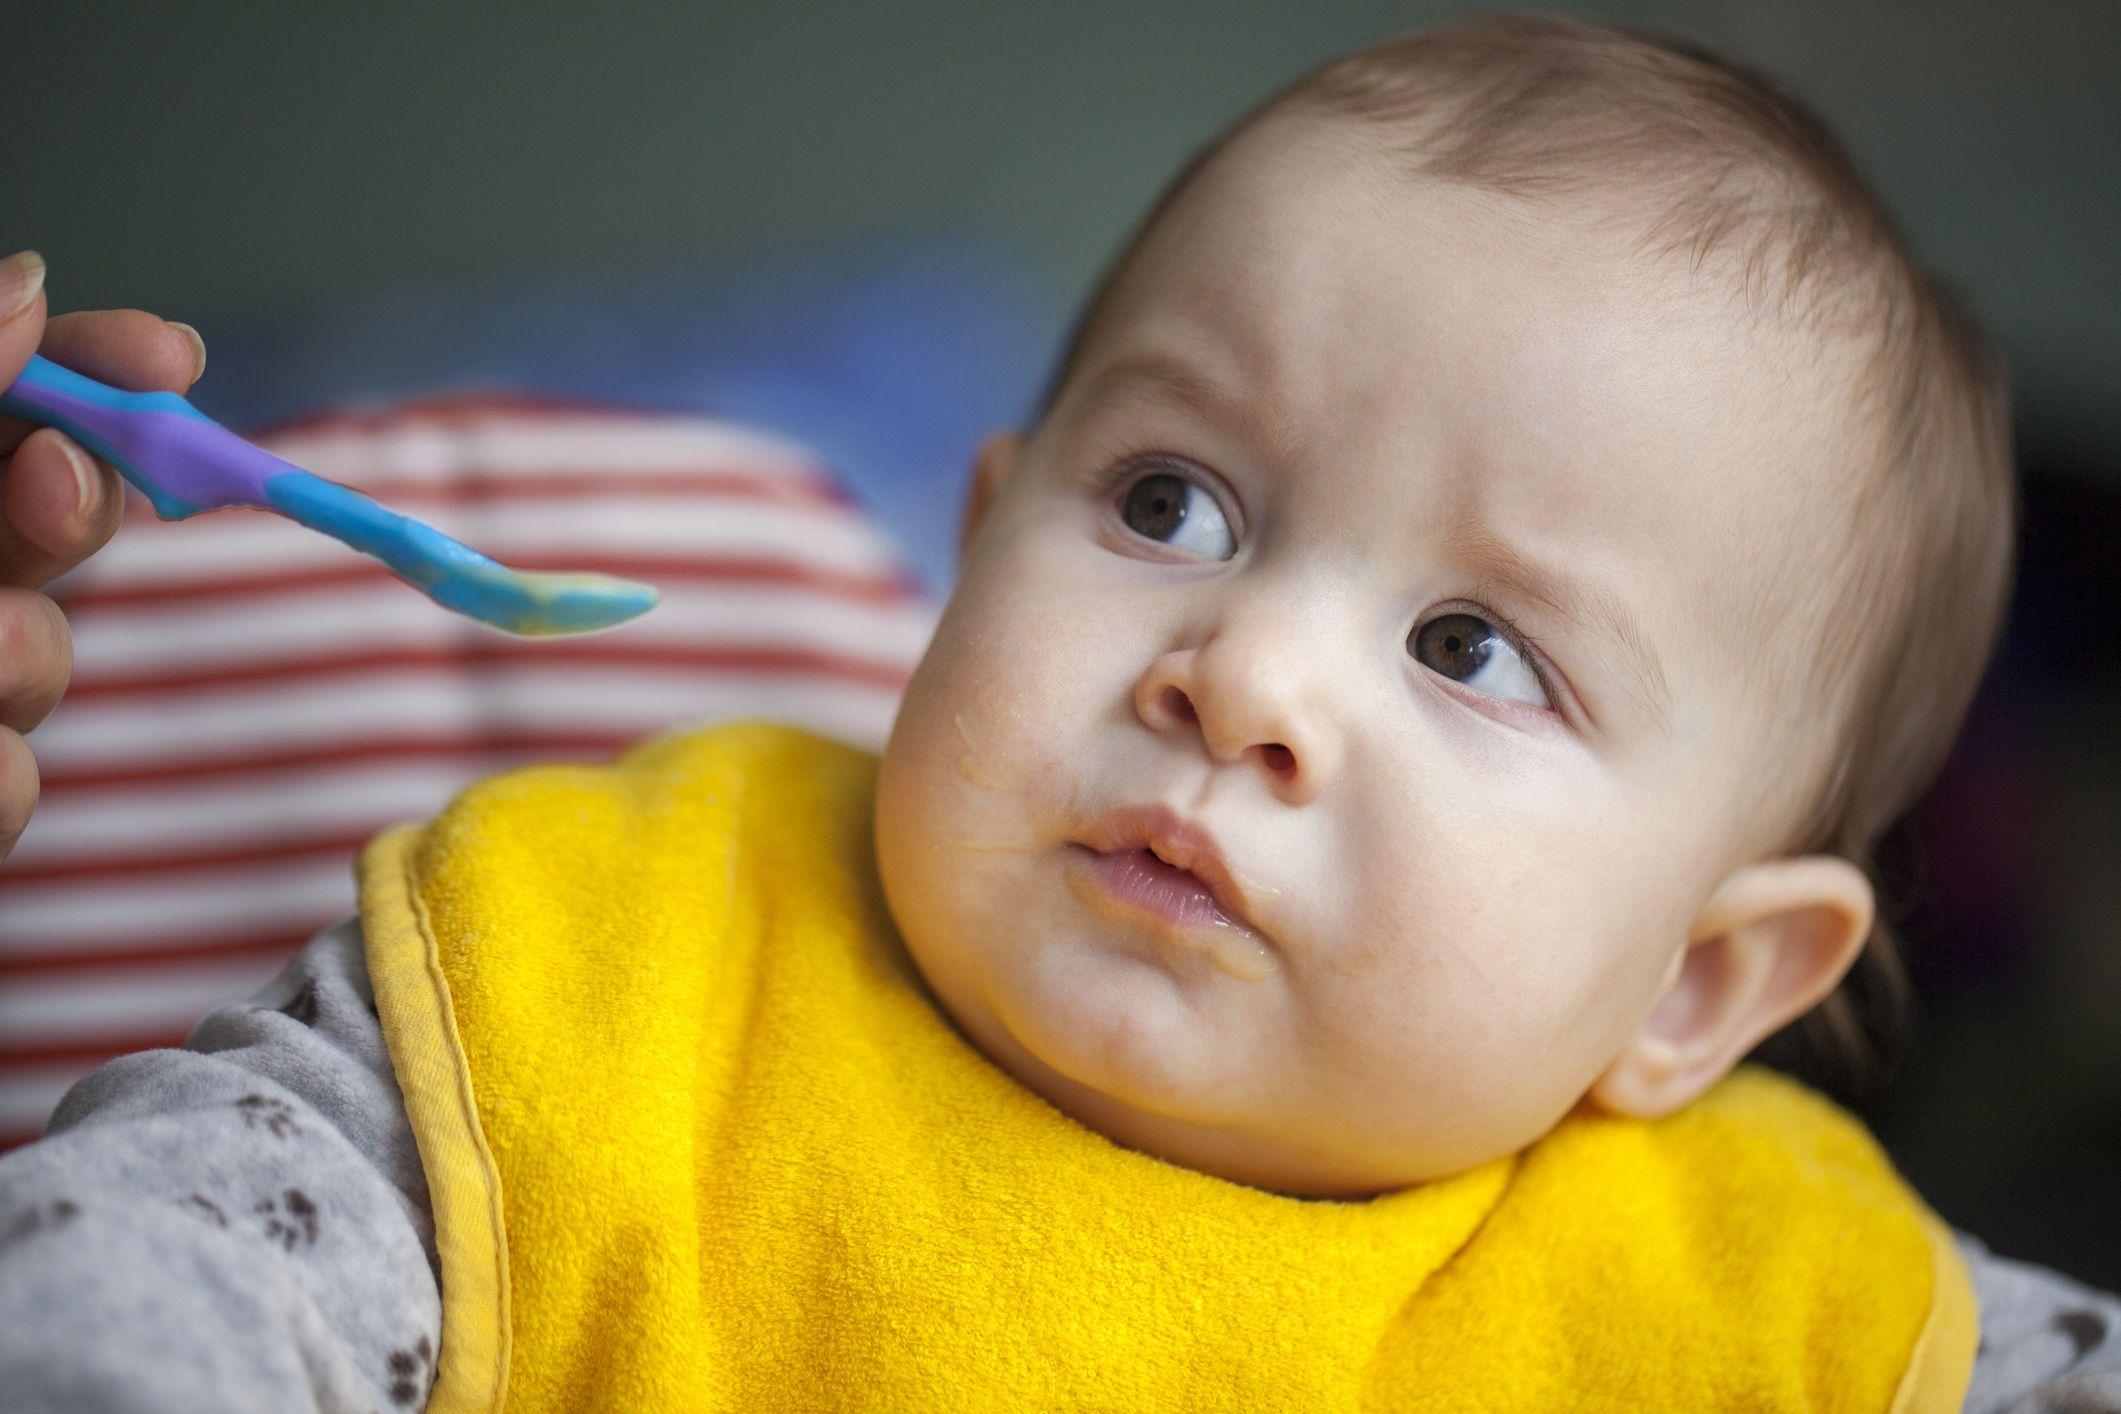 Baby-feeding-parent-stock